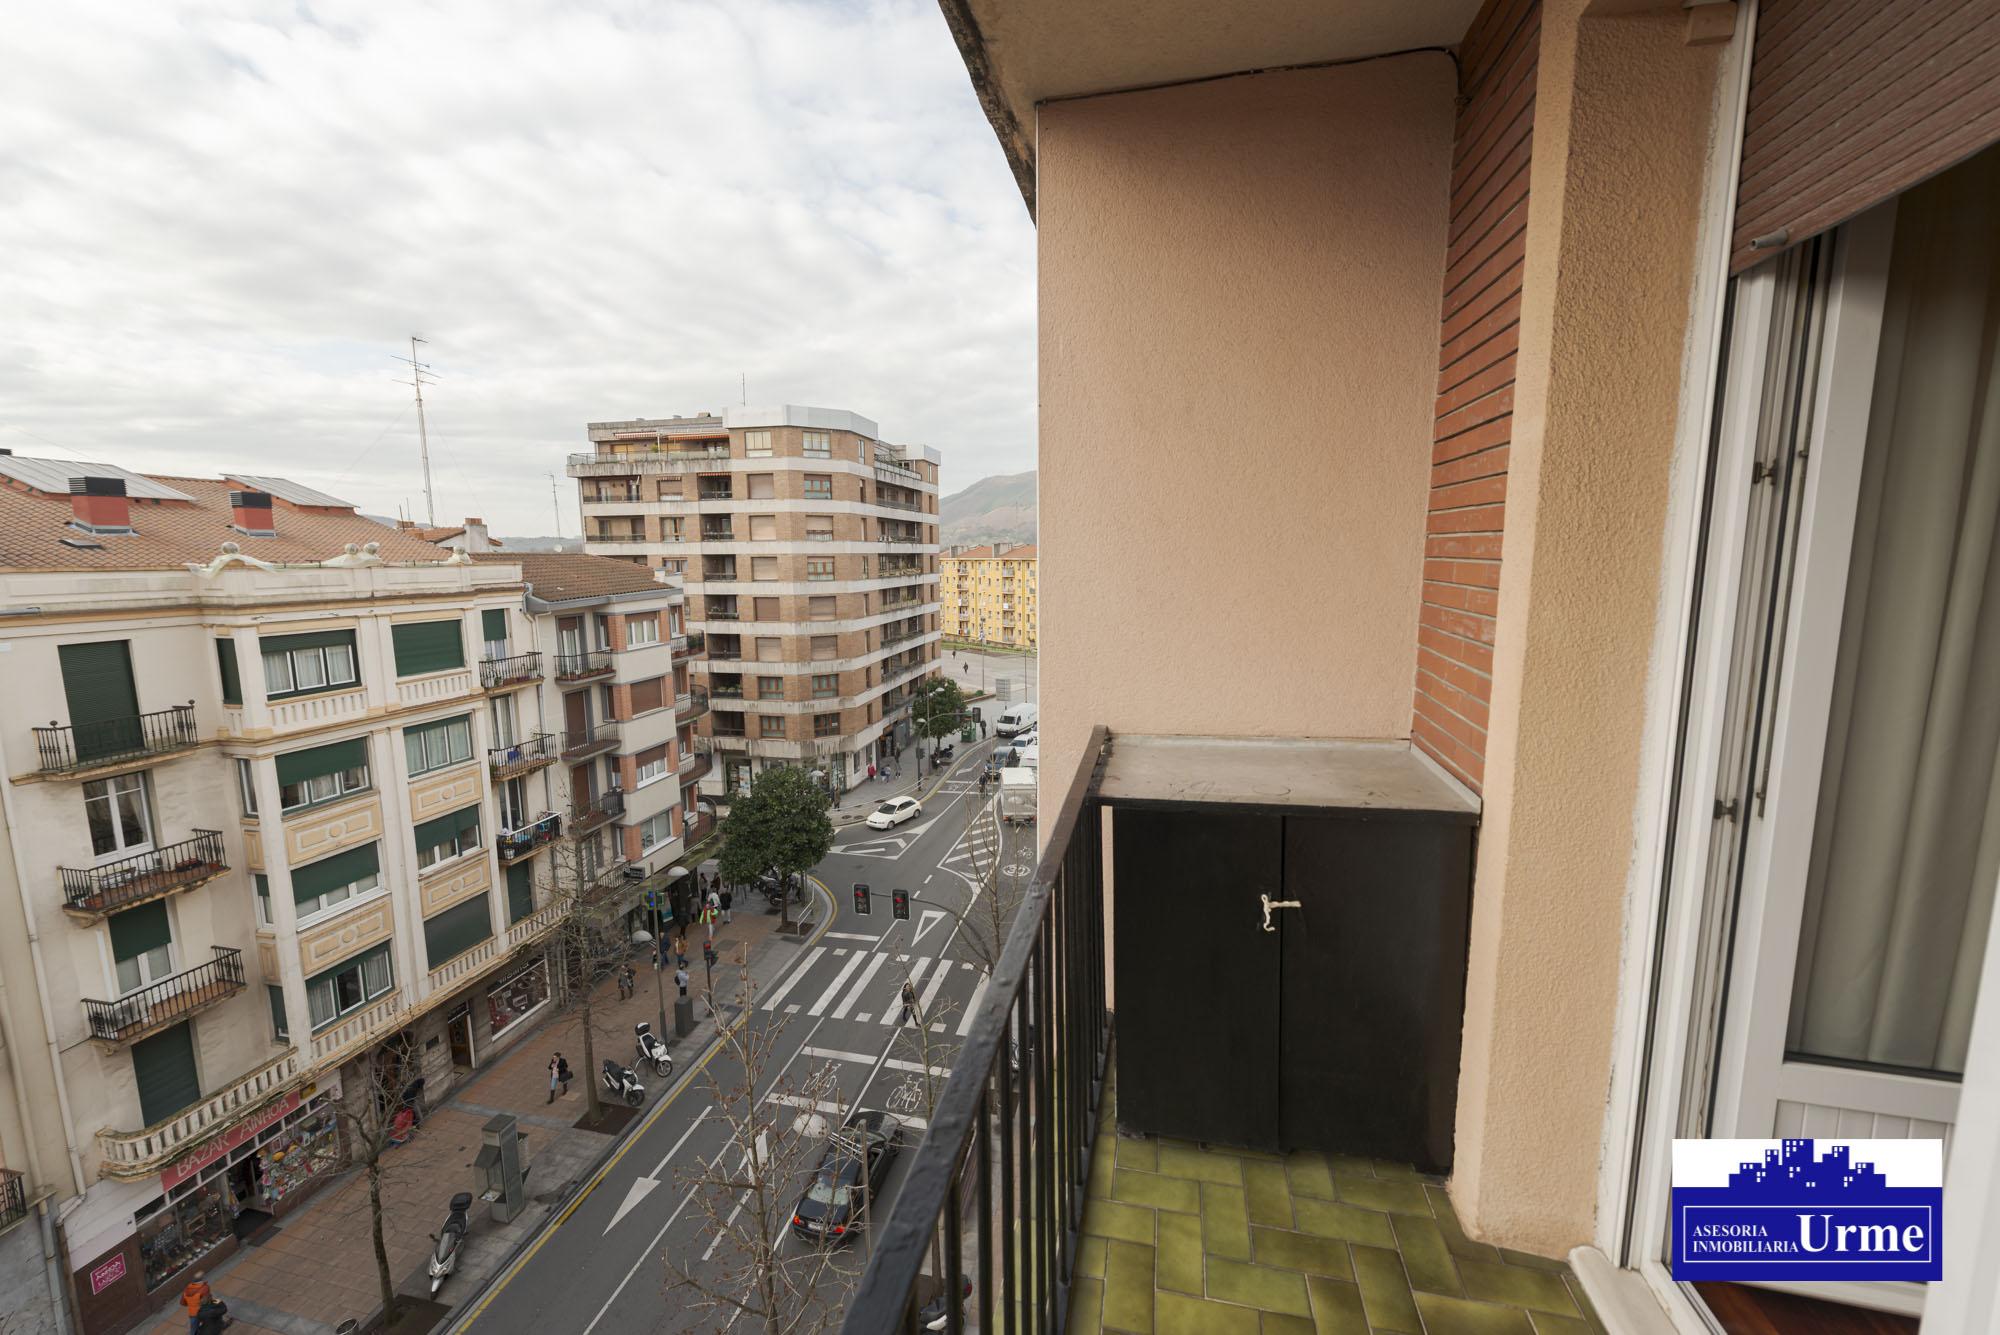 Nuevo precio!!En Paseo de Colon sur,Piso alto 5º planta con ascensor, vivienda parar entrar a vivir,2/3 habitaciones, salon,cocina y baño.Informate en nuestras oficinas .